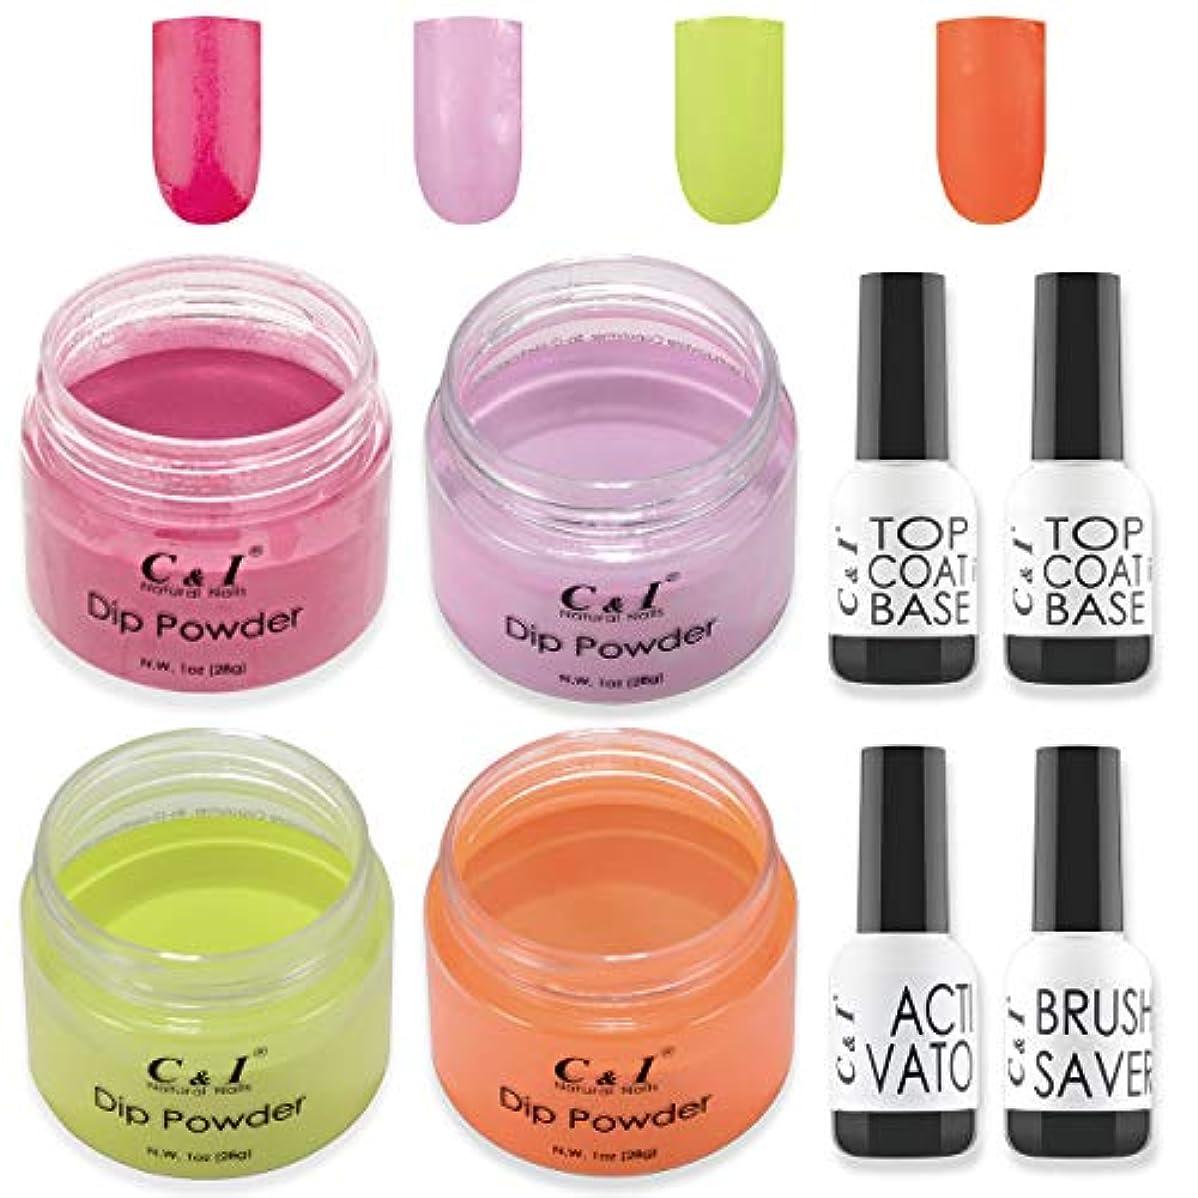 さびたサイレント読むC & I Dip Powder Nail Colors & Liquids Set, 4 colors and 4 liquids, Gel Nail Effect Colors, N.W. 28 g * 4 pcs...